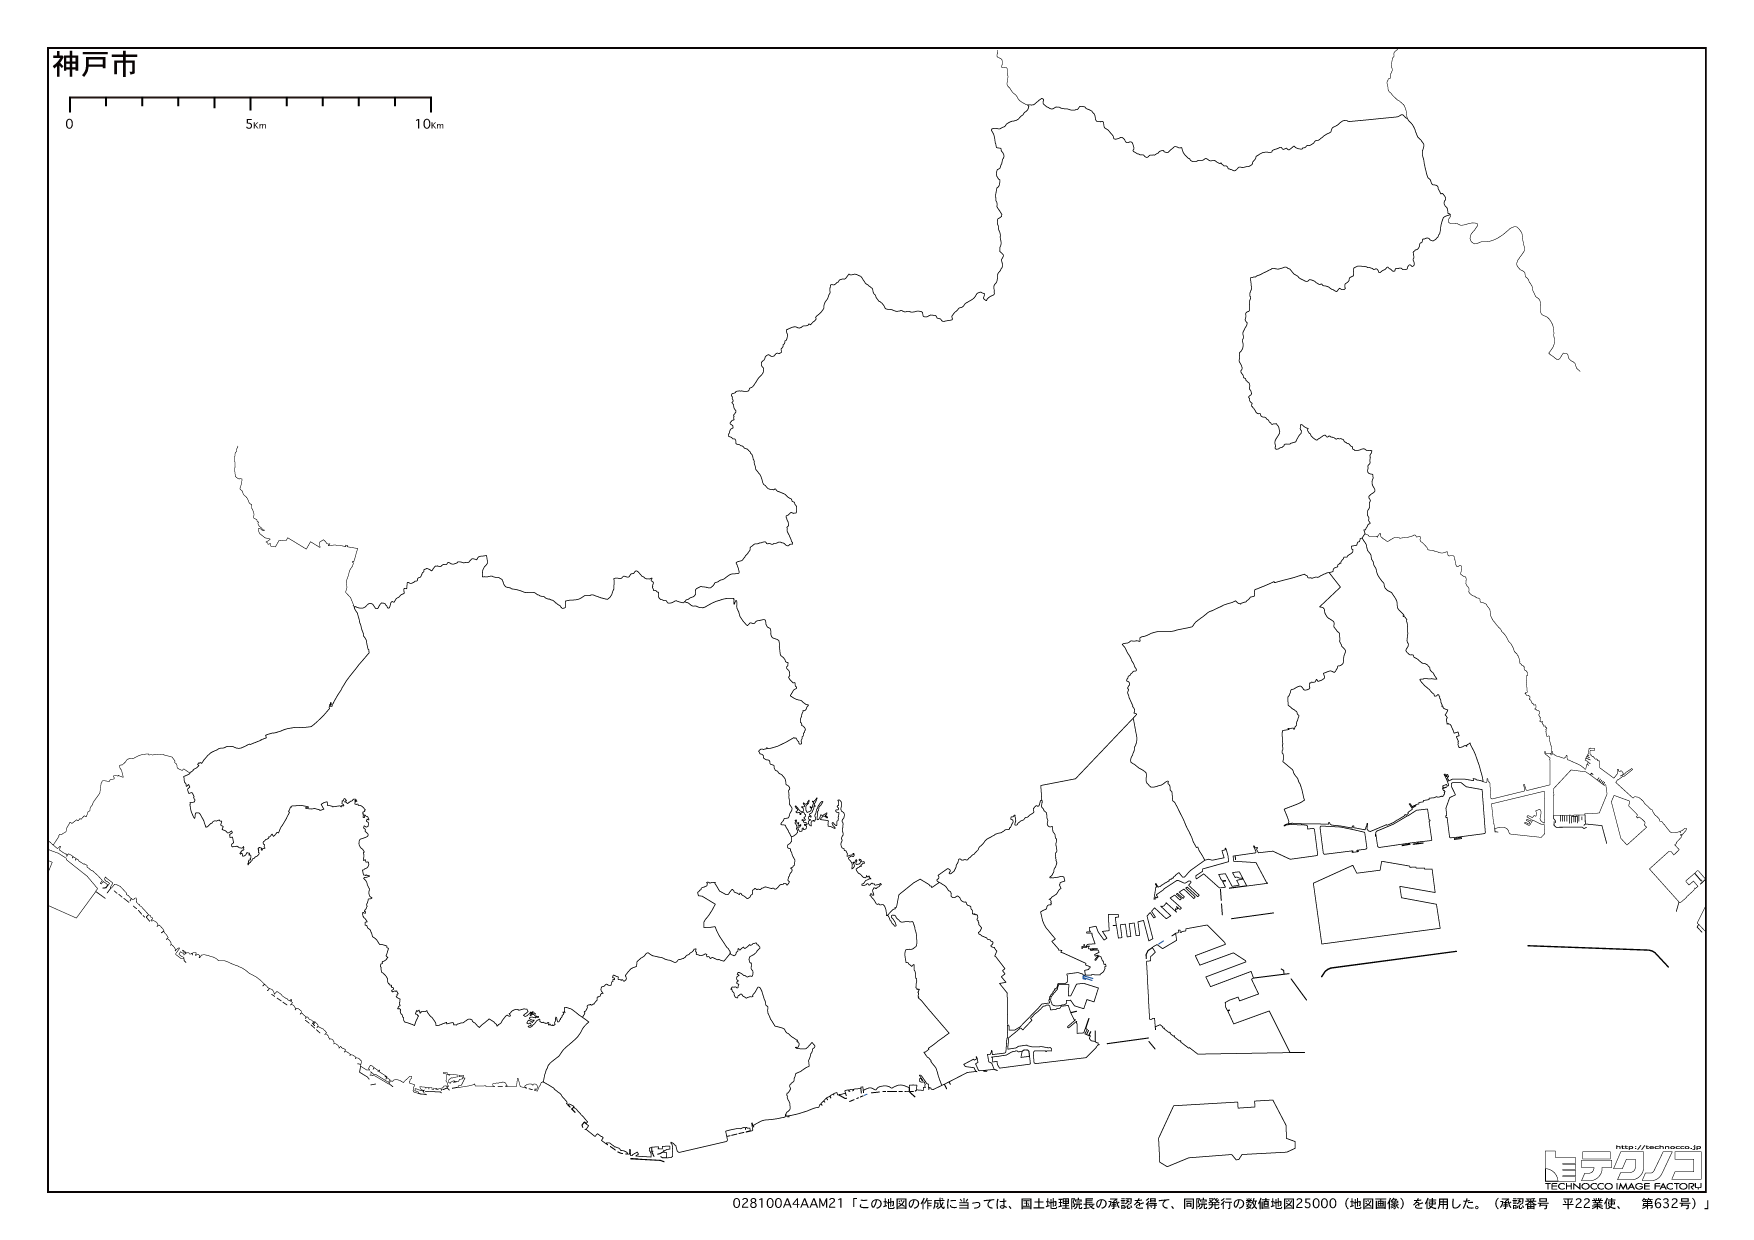 兵庫県の白地図,都道府県コード28